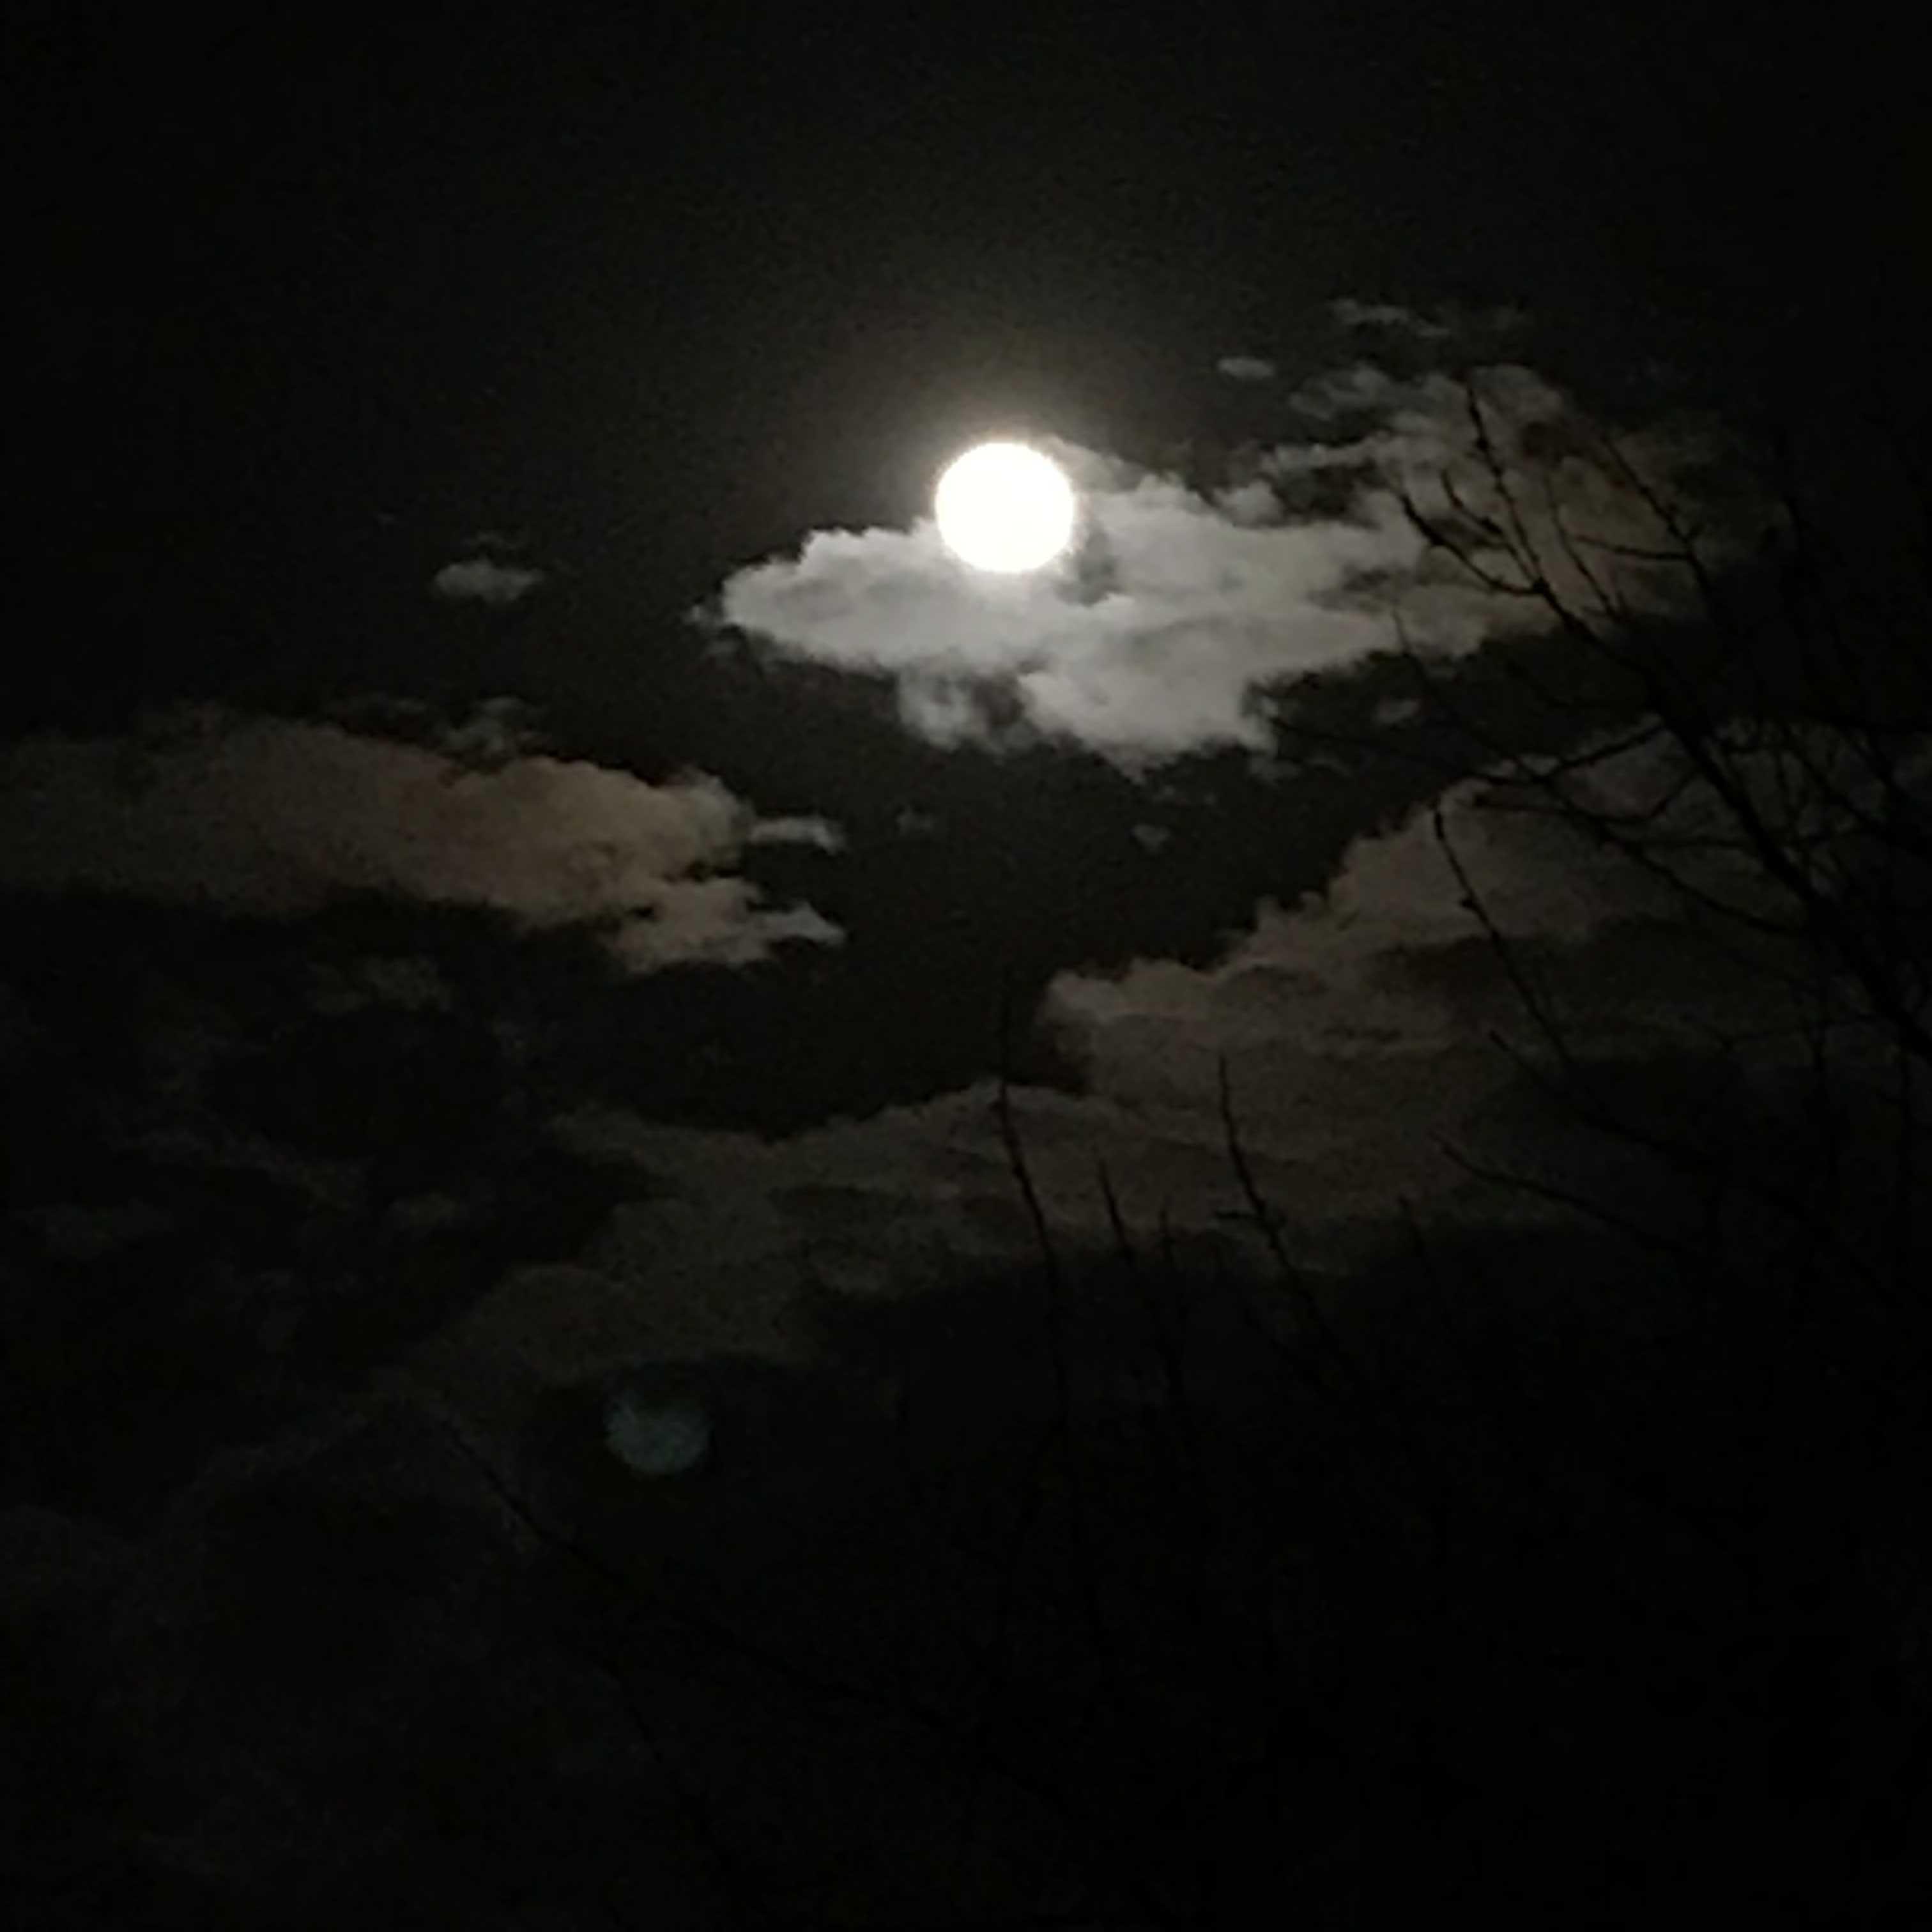 月夜_e0226943_22573698.jpg